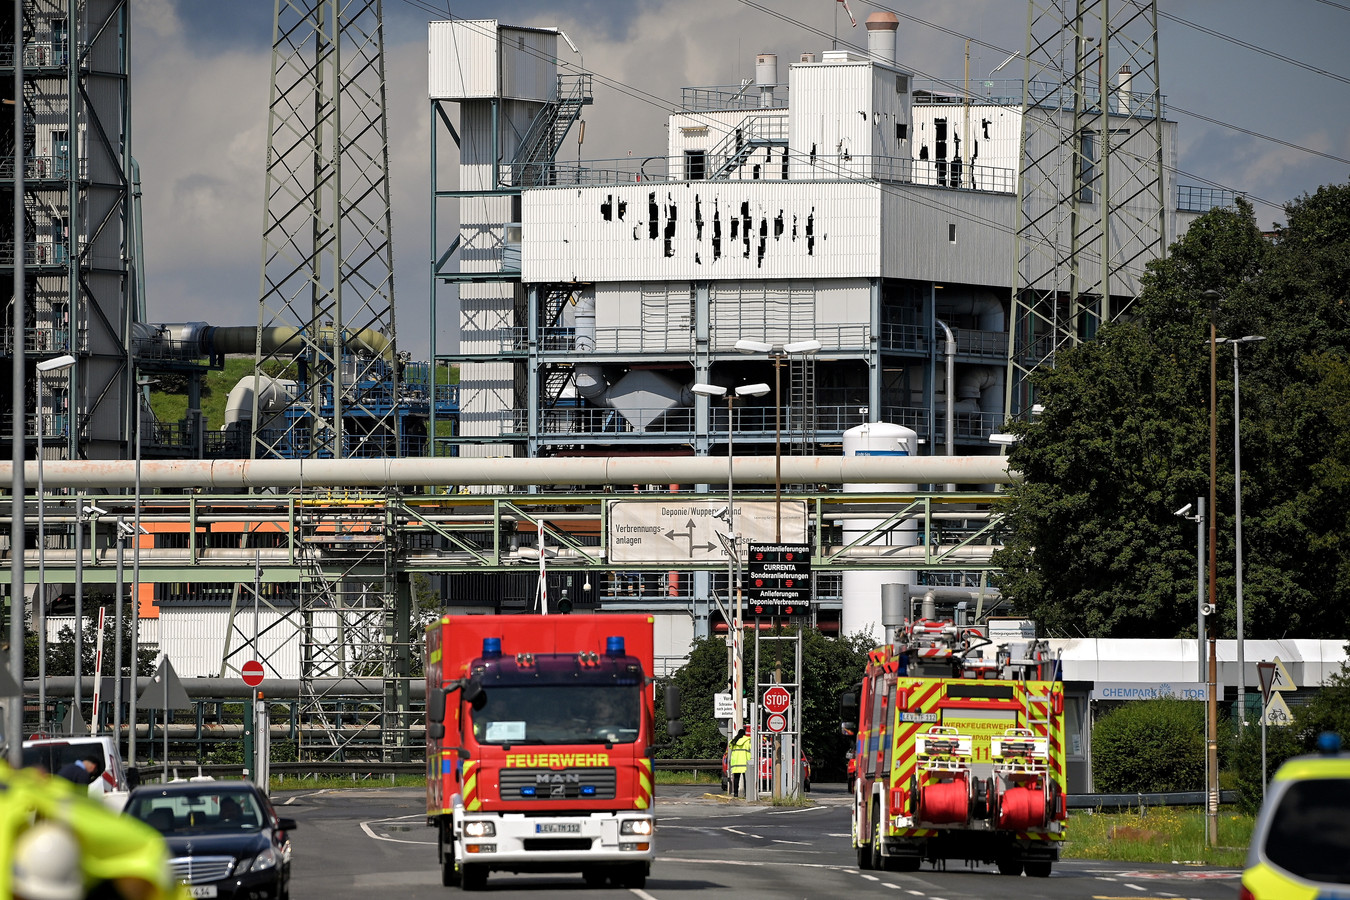 De afgesloten toegangsweg naar de afvalverwerkingsinstallatie met zijn gebarsten gevel nabij de plaats van een explosie op het terrein van 'Chempark' in Leverkusen,